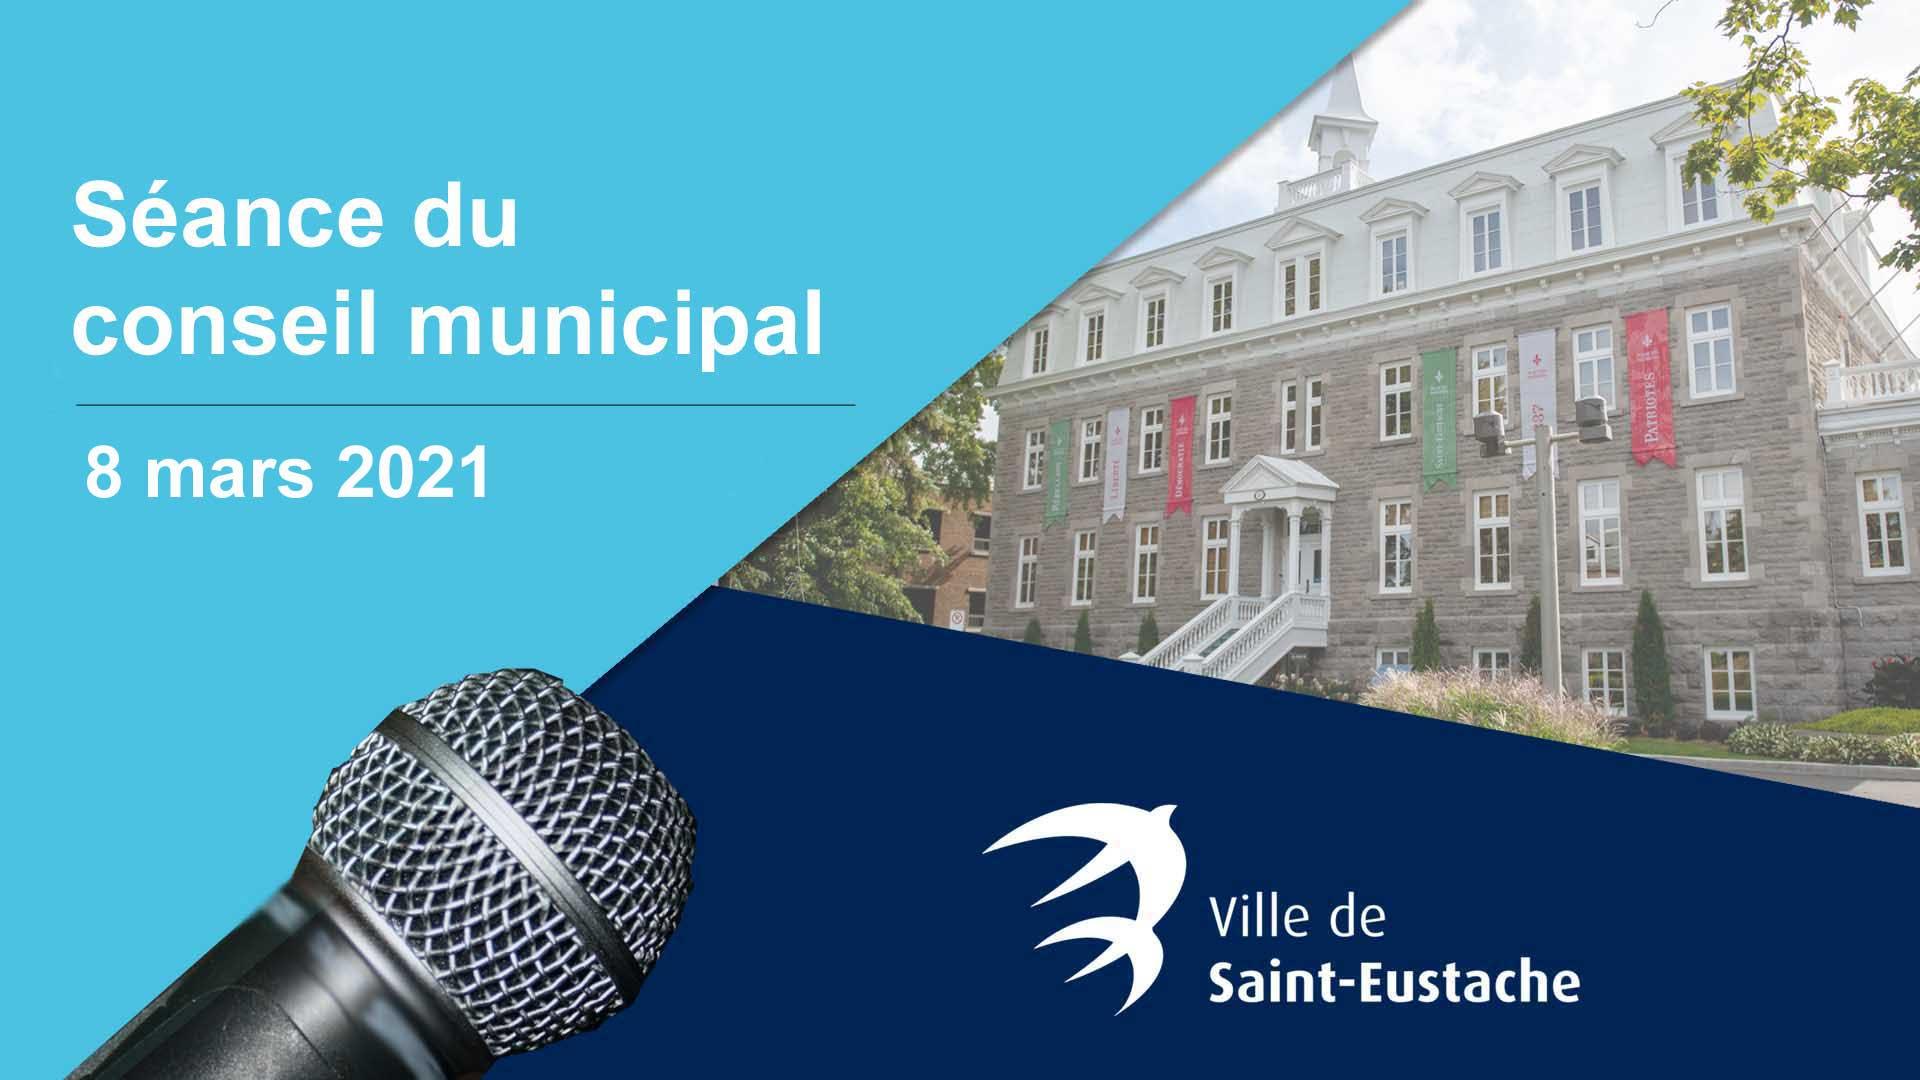 Séance ordinaire du conseil municipal à huis clos le 8 mars 2021